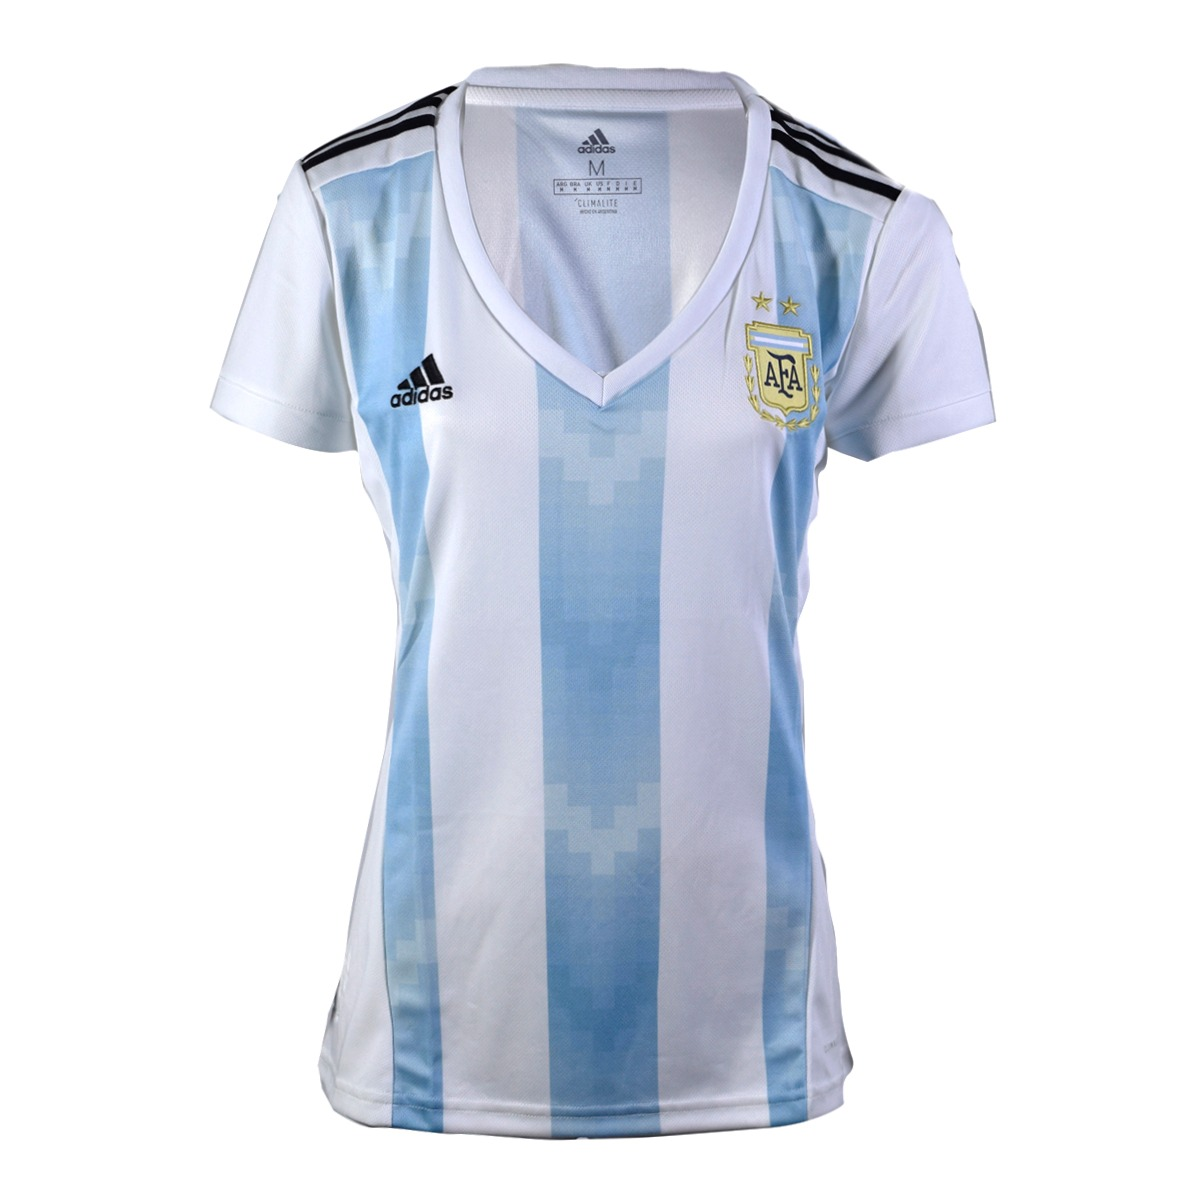 e4b15648f32b4 camiseta titular selección argentina 2018 mujer adidas. Cargando zoom.